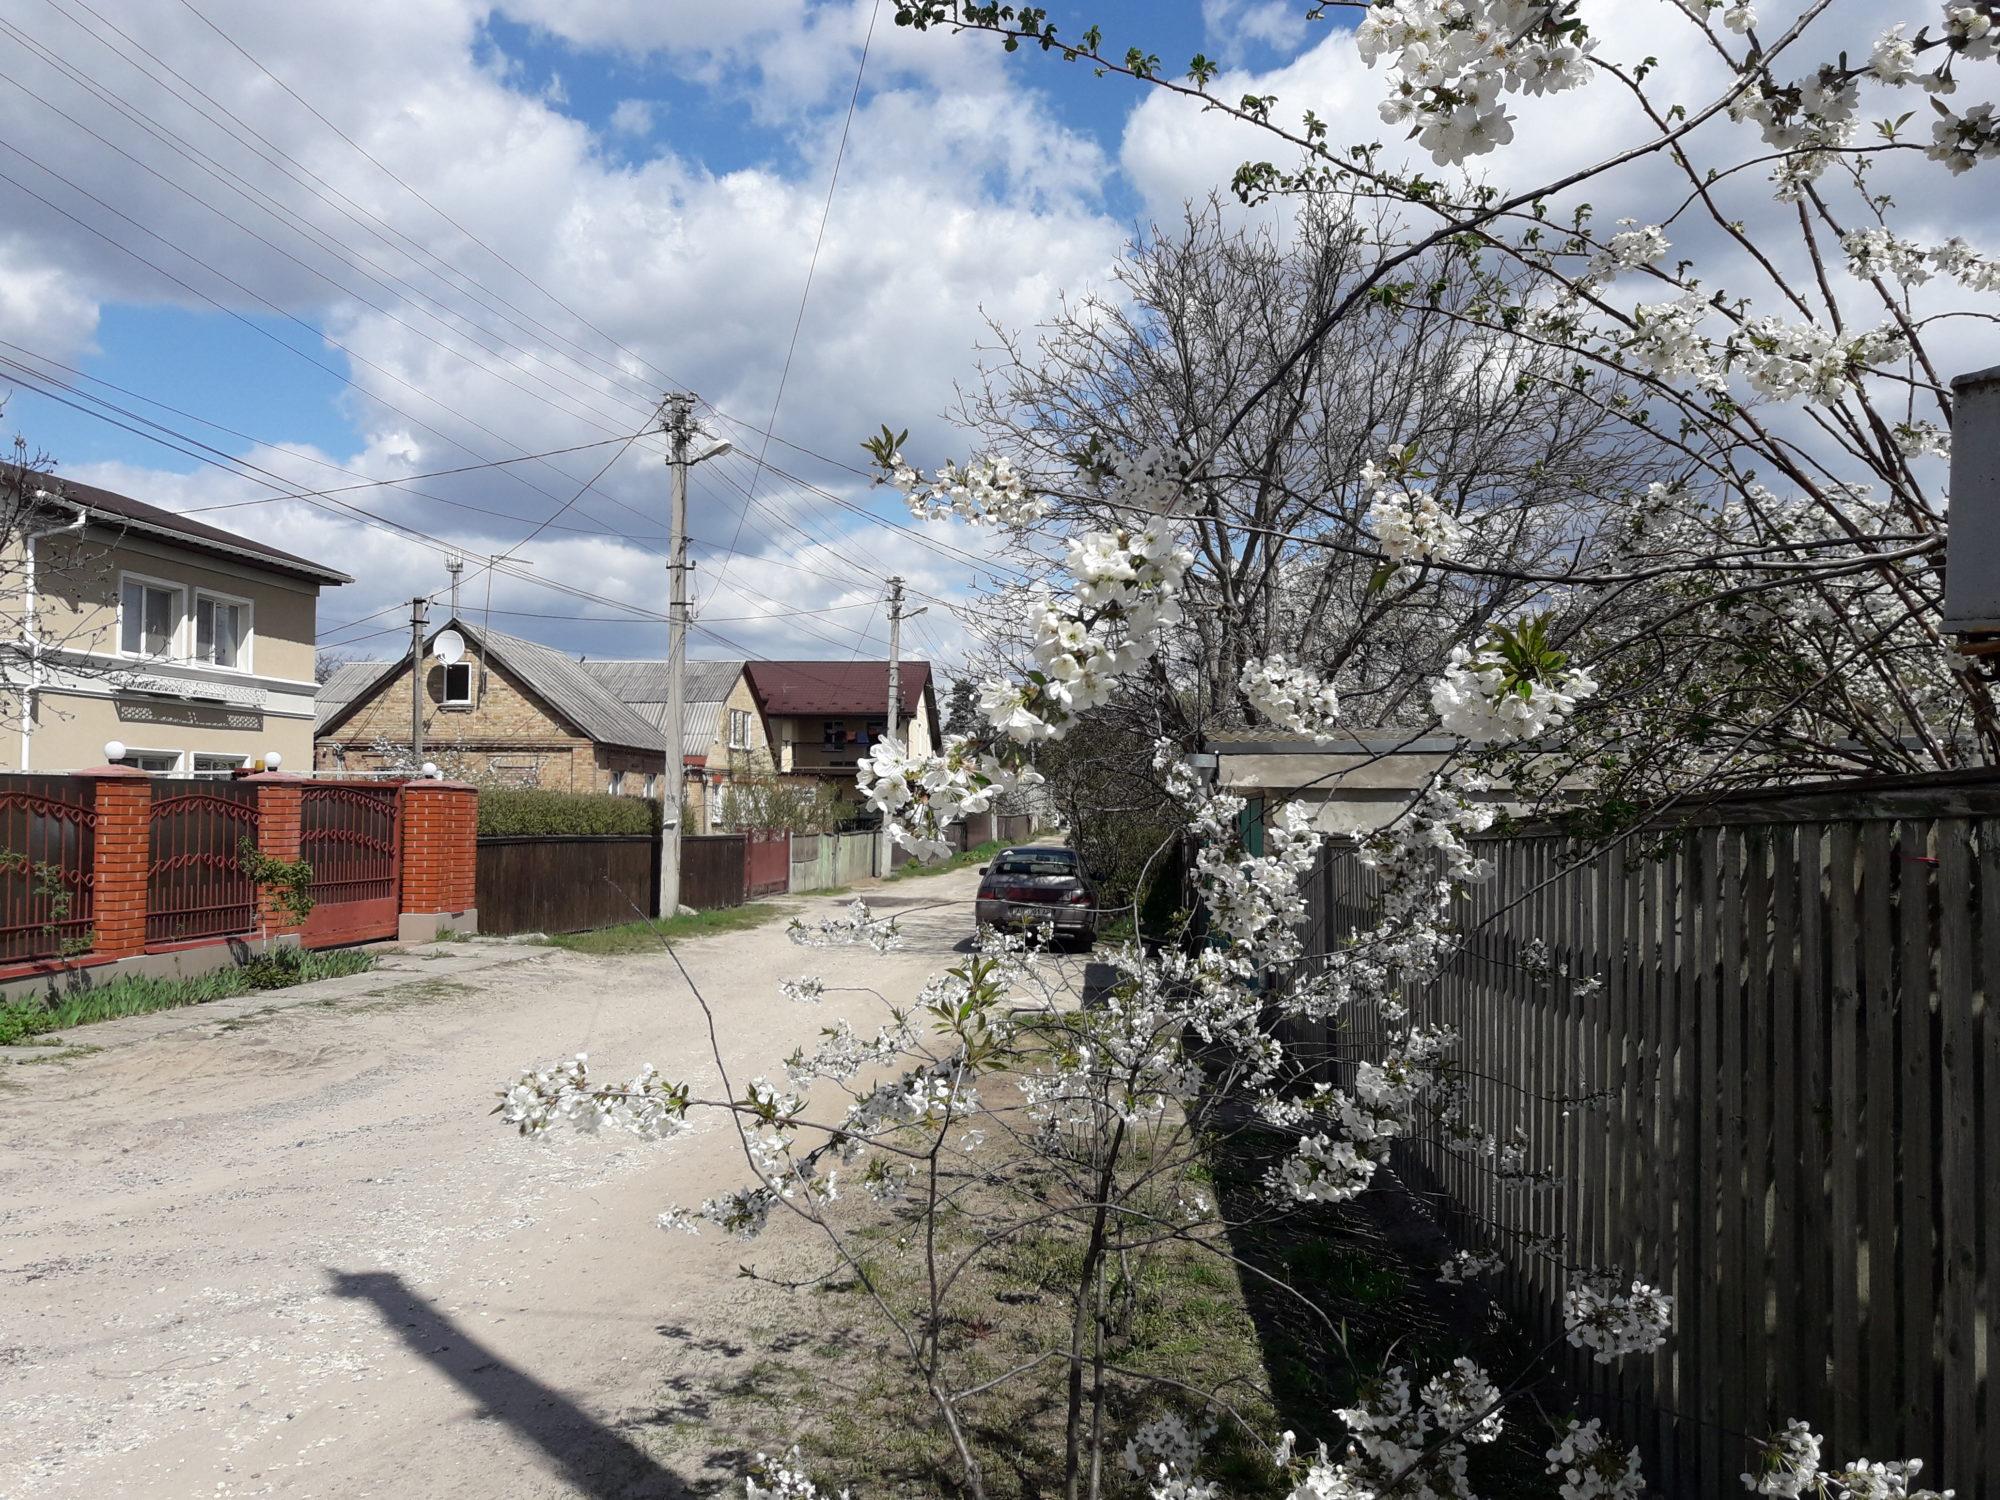 Ірпінь квітне: у місті настає пік цвітіння дерев та кущів (ФОТО) -  - 20200427 122021 2000x1500